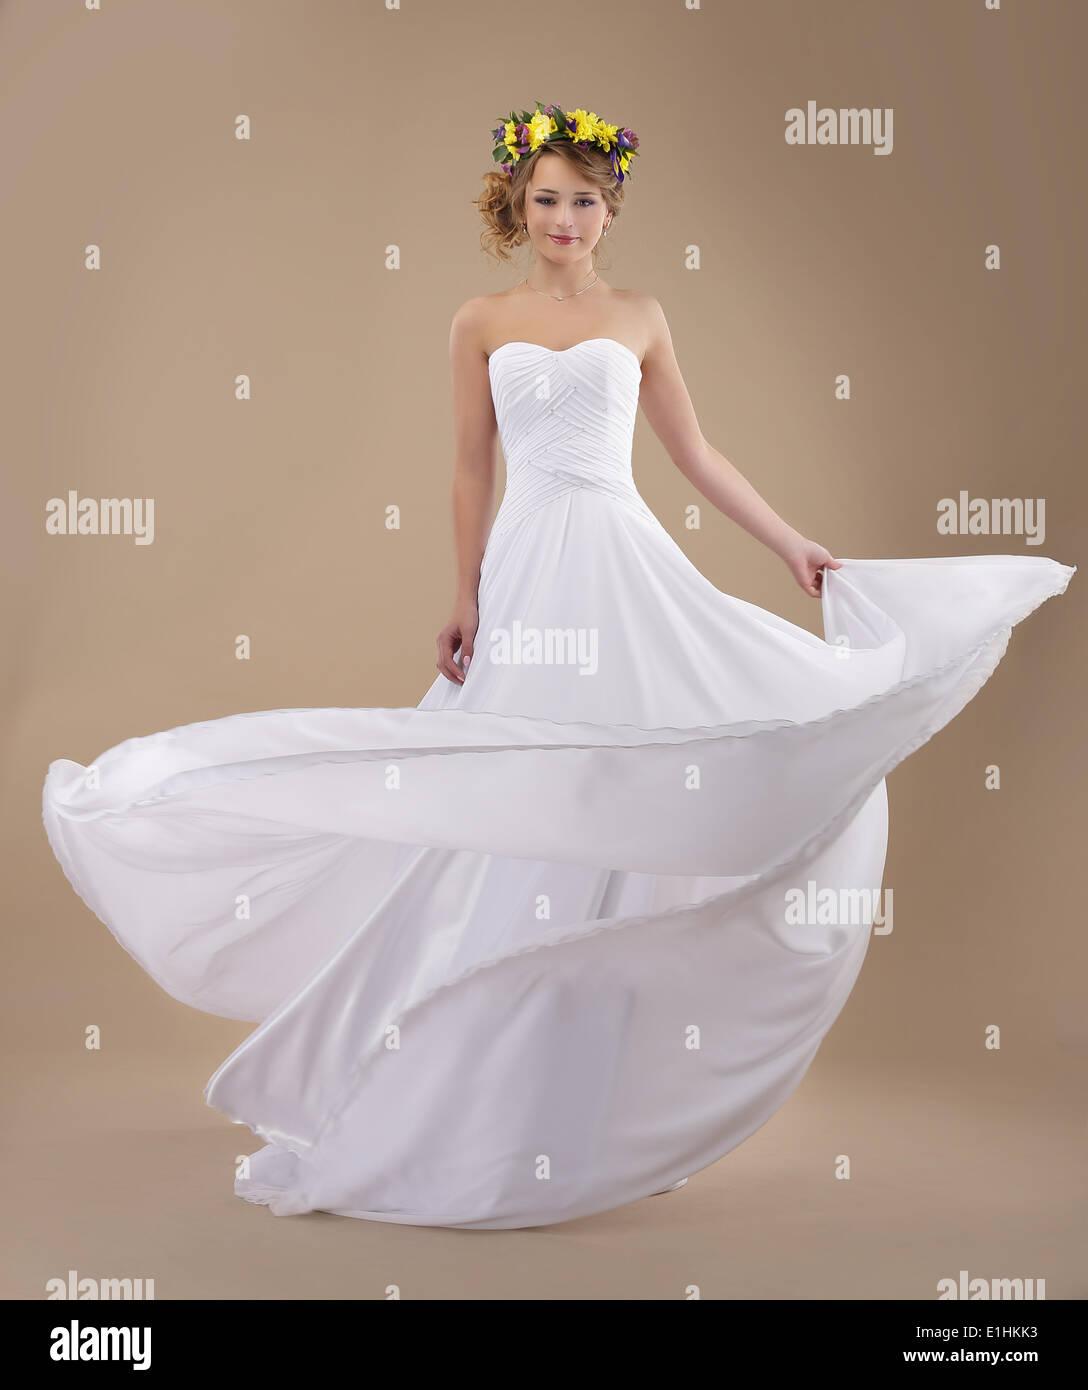 El movimiento. Mujer con corona de flores y ondeando vestido de luz Imagen De Stock